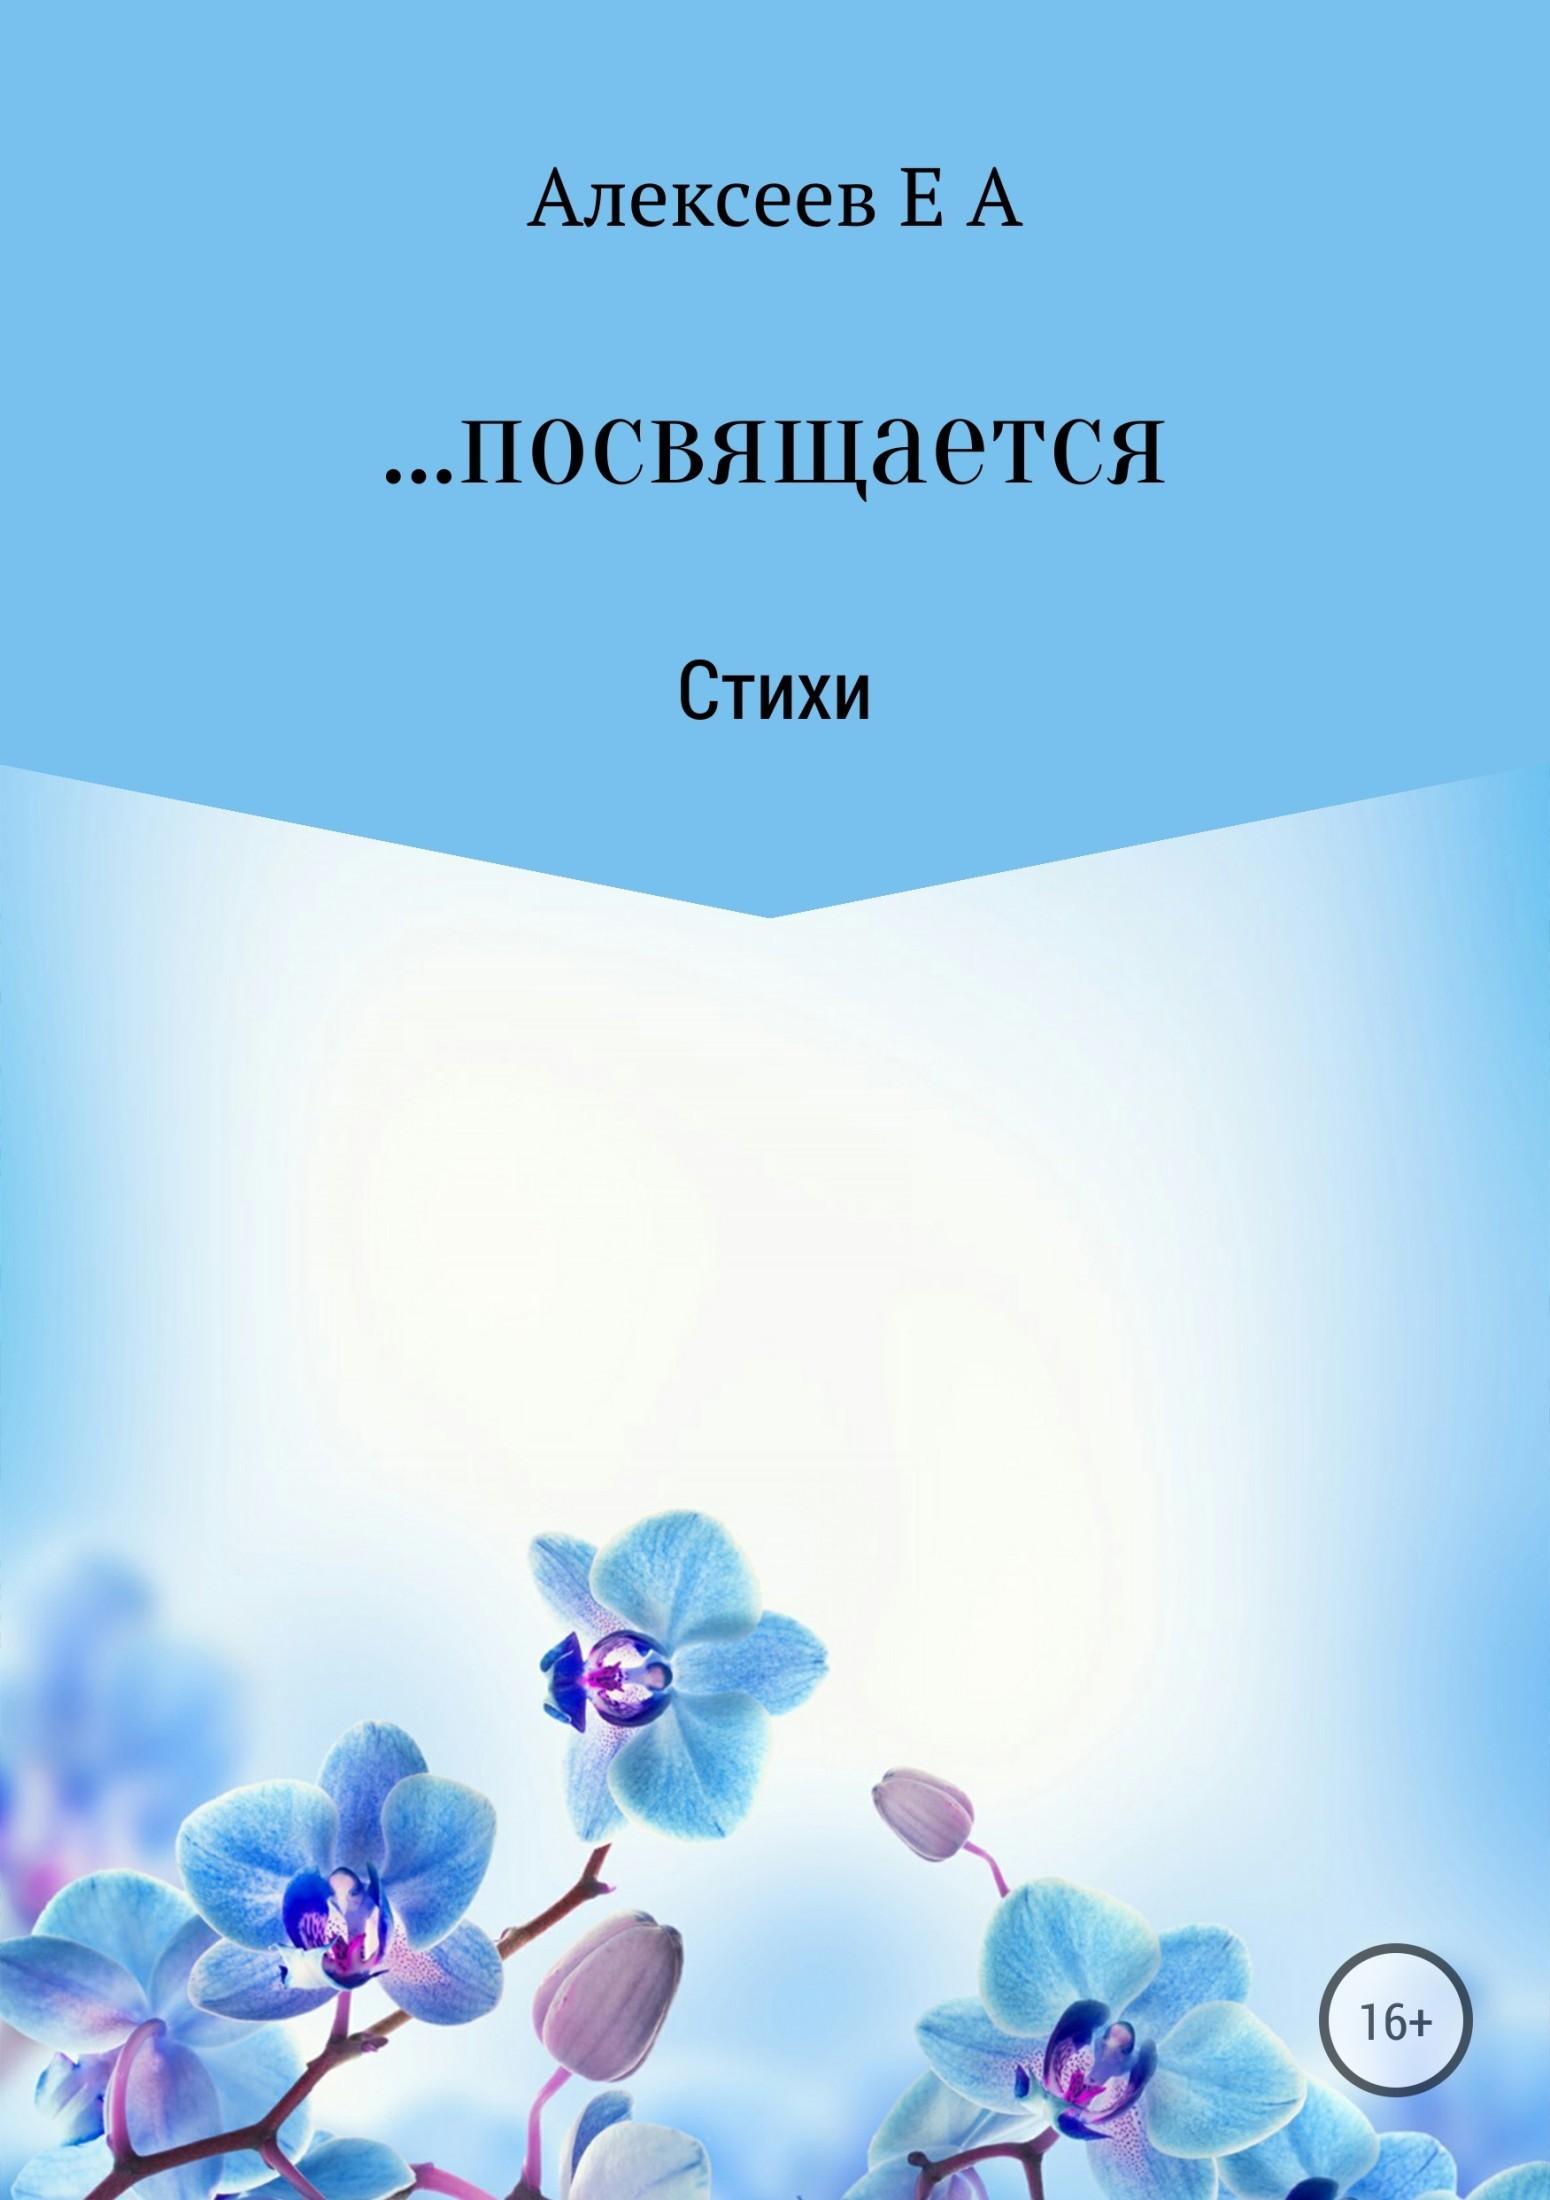 Обложка книги …посвящается